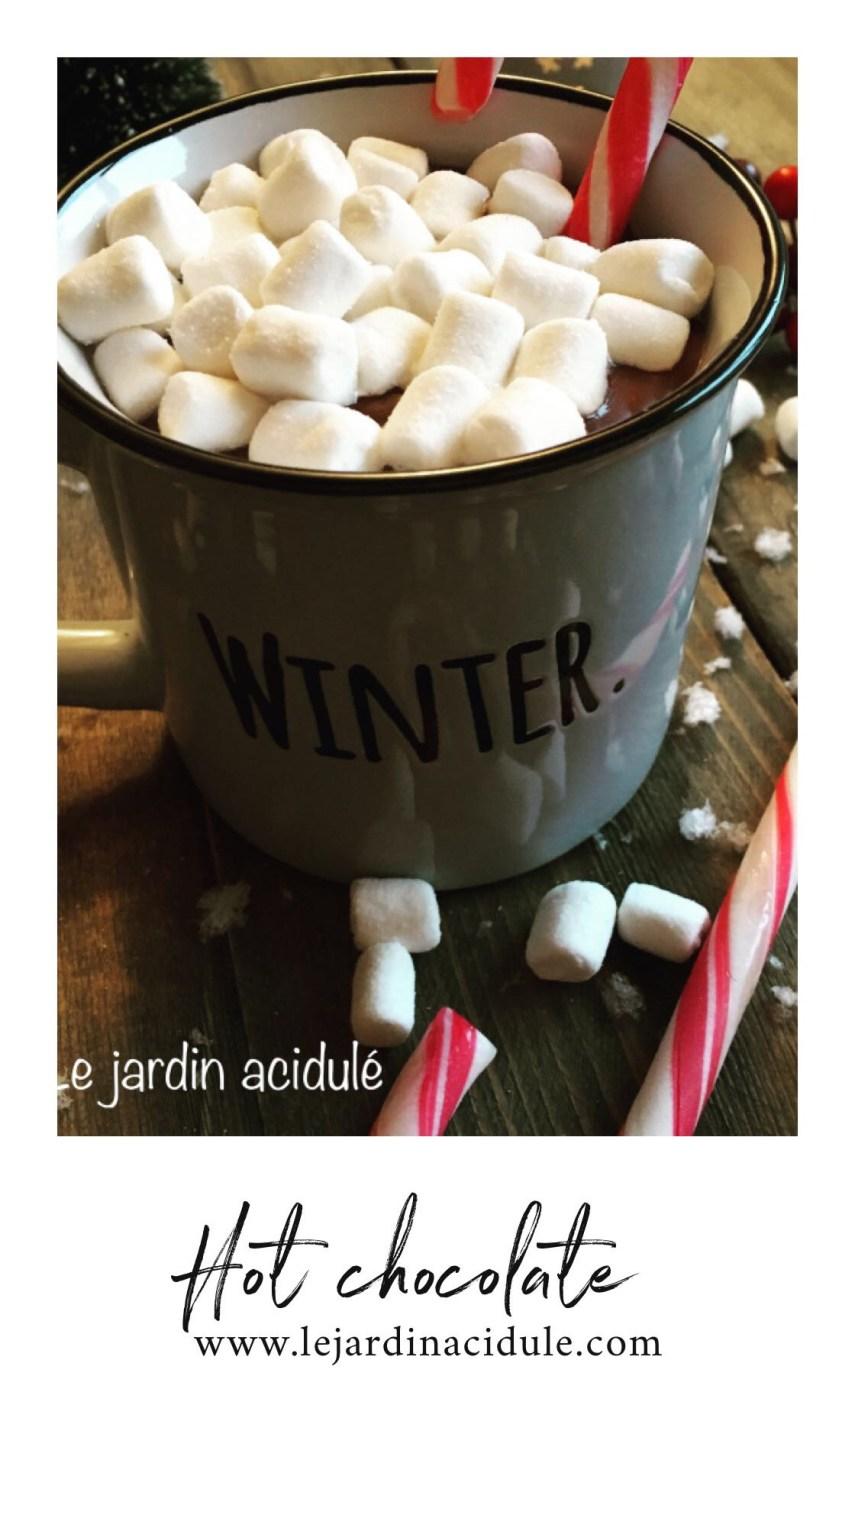 Hot chocolate - chocolat chaud maison